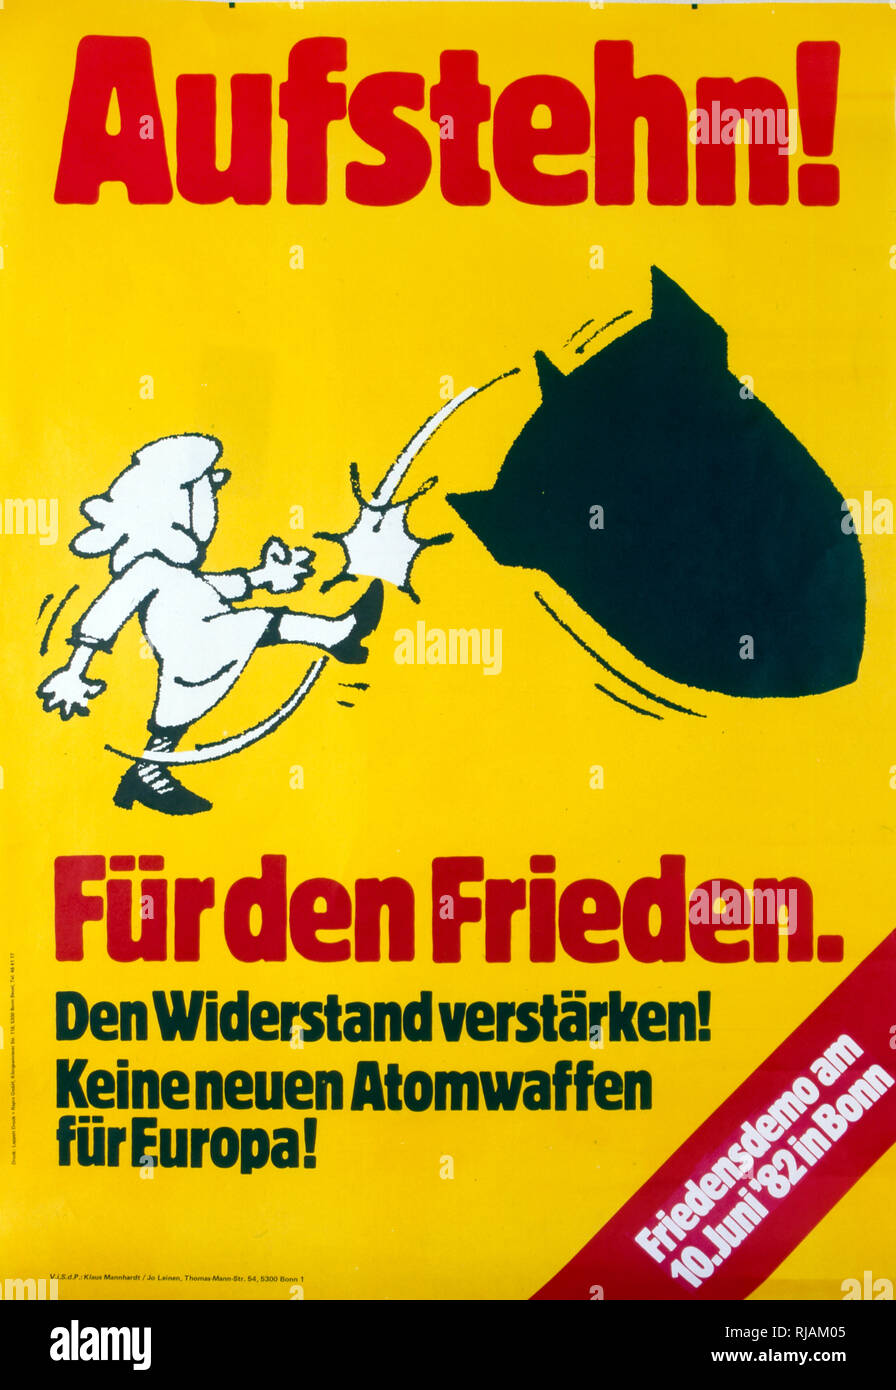 Aufstehn fur den frieden', s'engager pour la paix. Mouvement de la paix de Berlin ouest, anti-guerre nucléaire, affiche, 1980-1985. Photo Stock